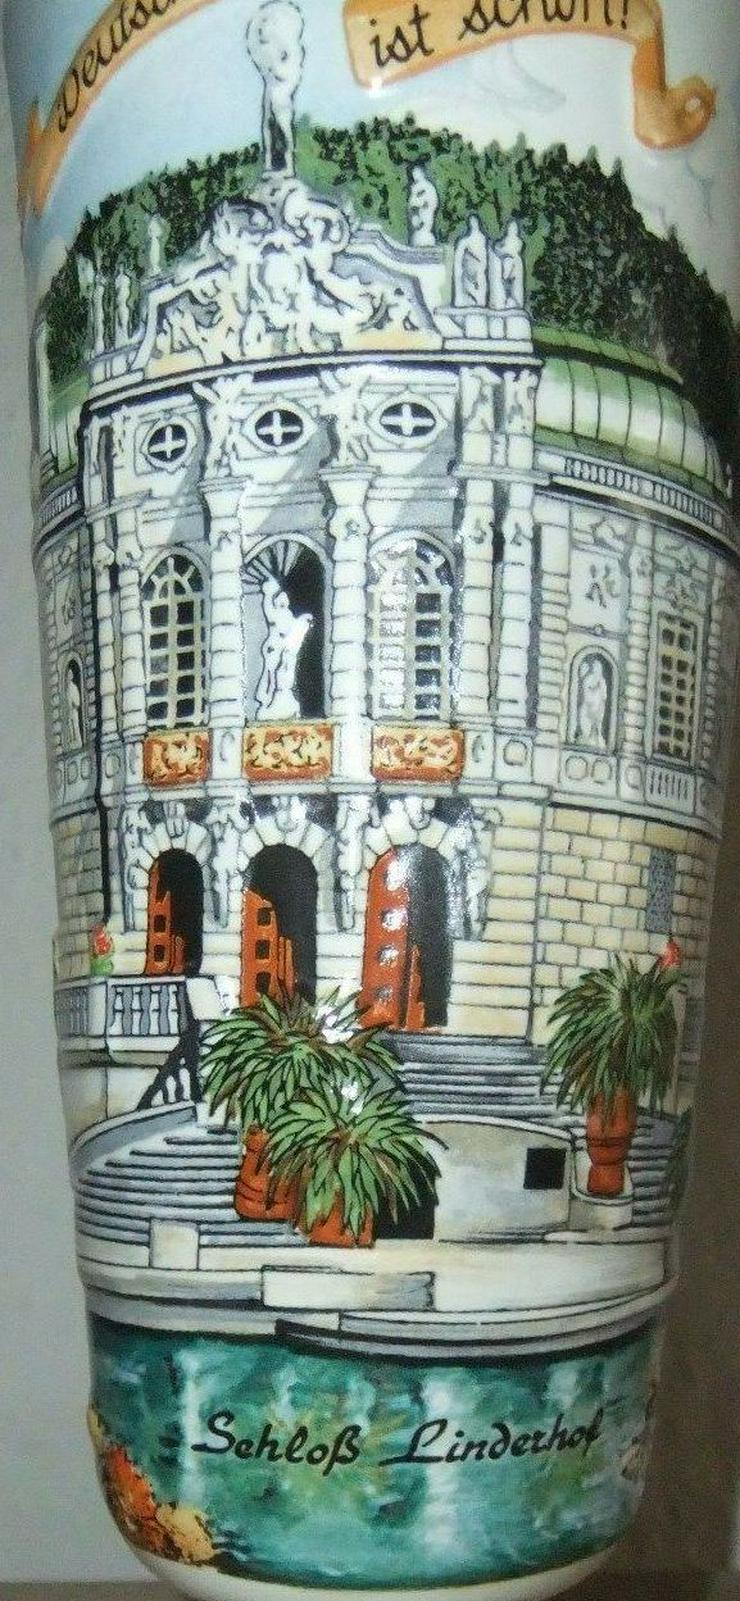 Bierhumpen Motiv Schloss Linderhof  - Geschirr & Wandteller - Bild 1